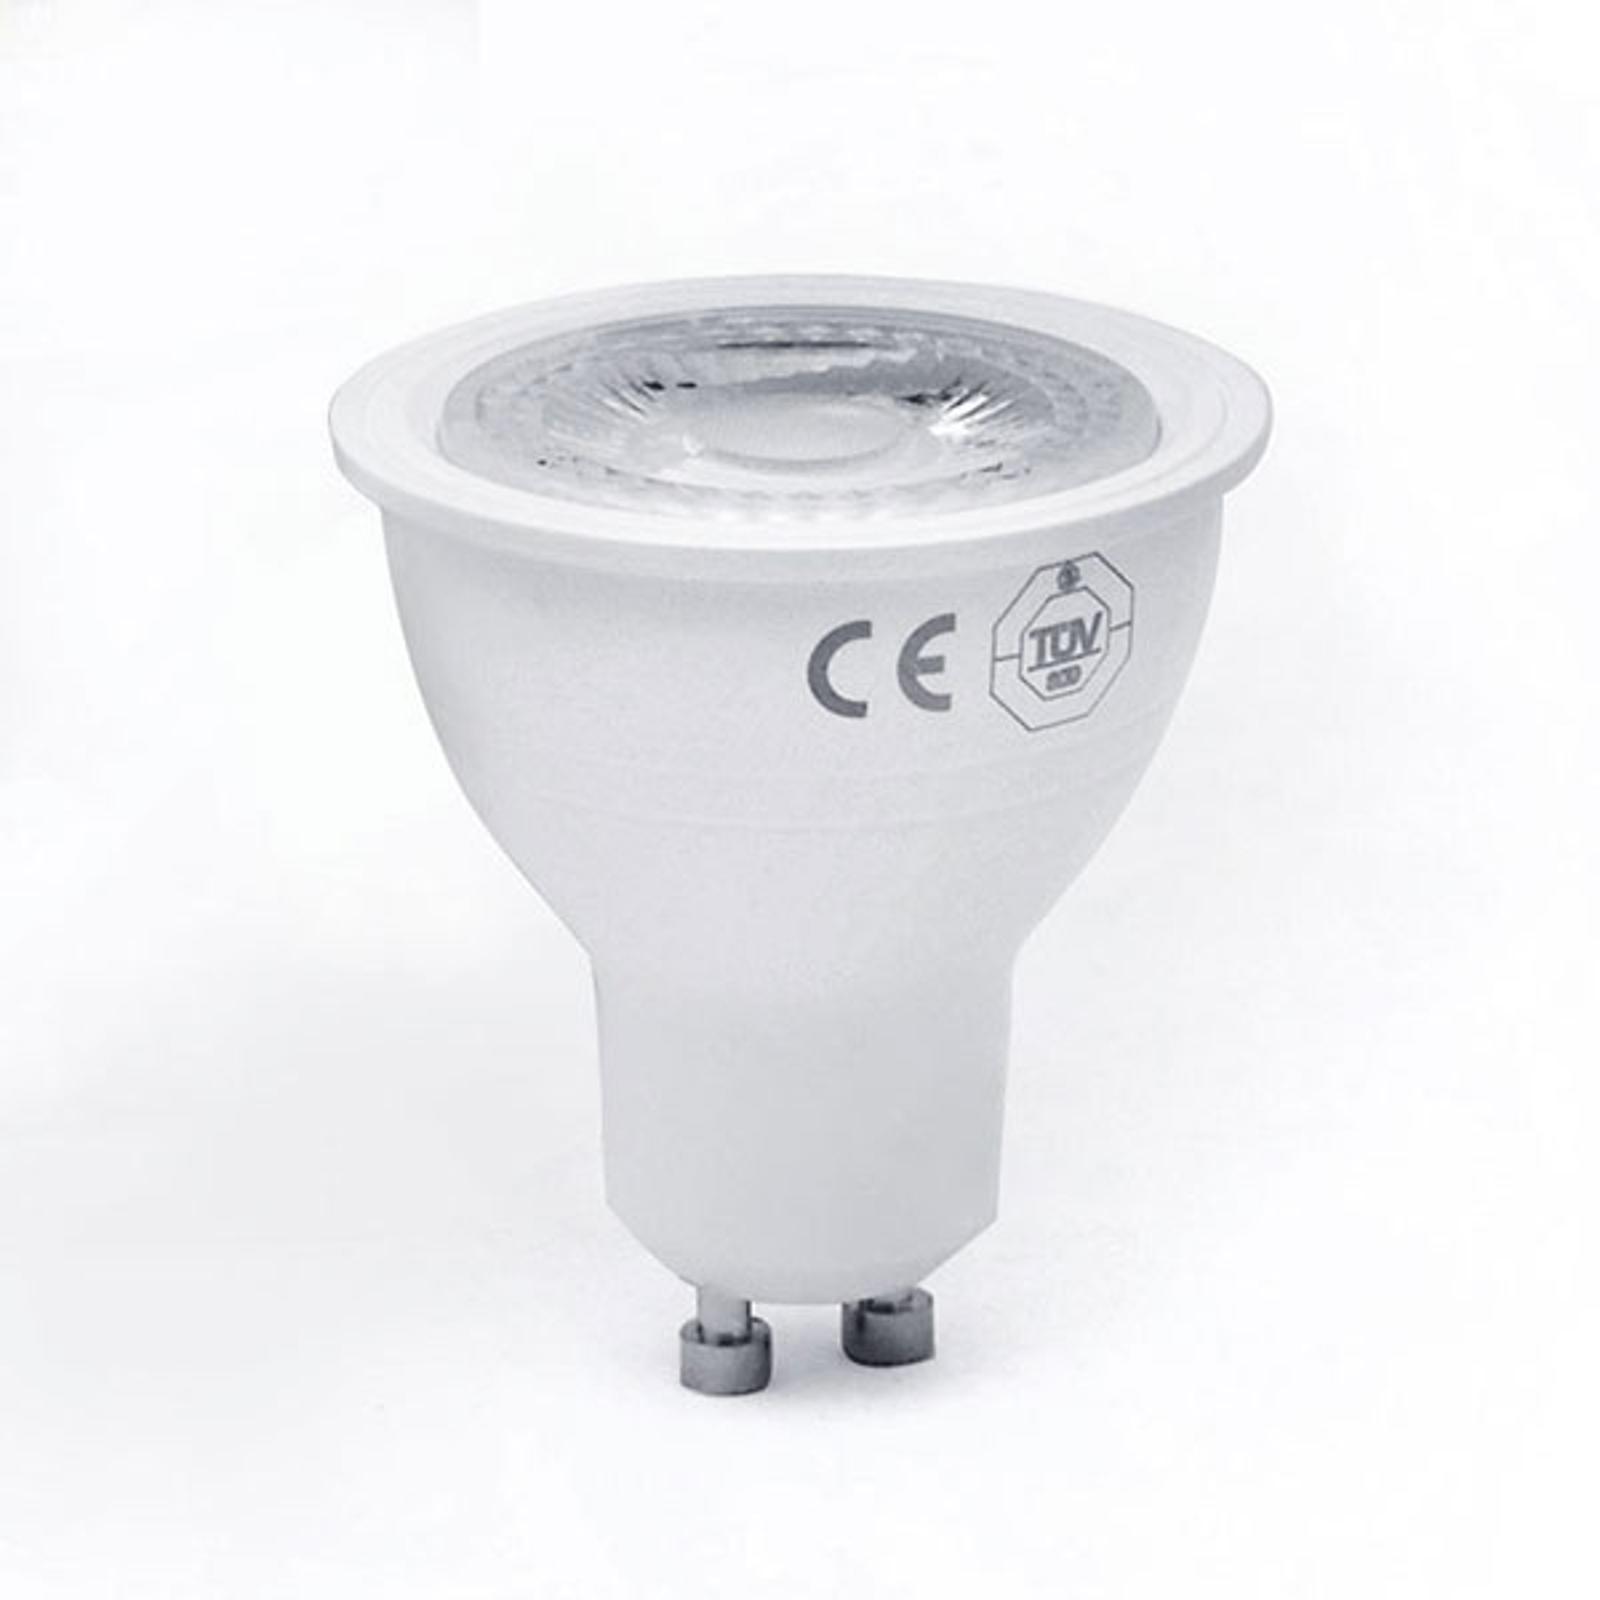 Fumagalli H.LED.GU10.3K LED žárovky